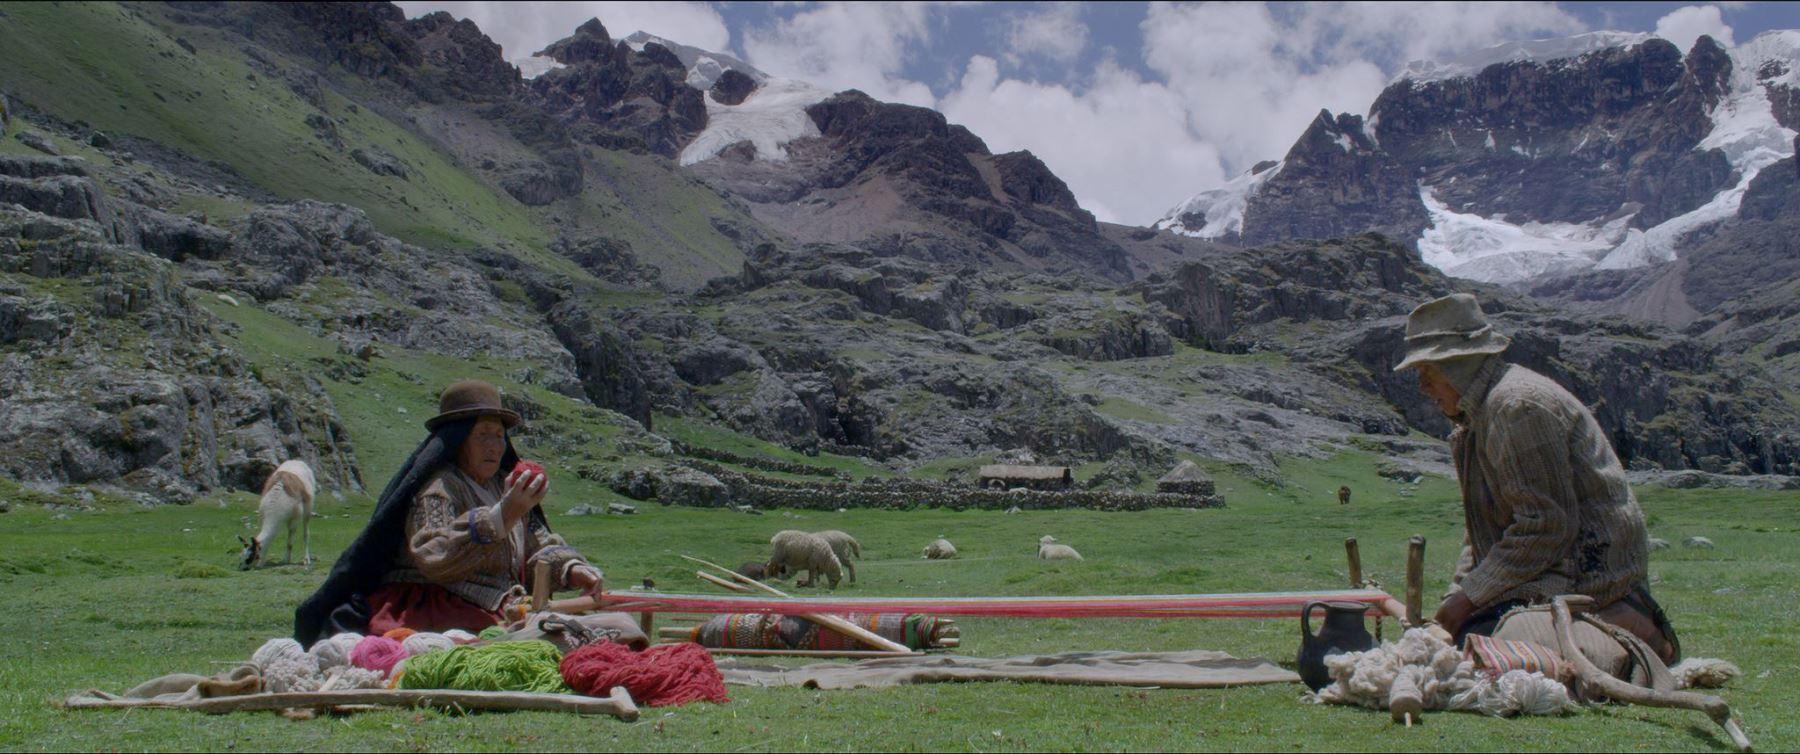 La película esta hecha en 96 planos fijos, los personajes son enmarcados por los paisajes andinos, lo que hace que su fotografía sea simple pero hermosa.